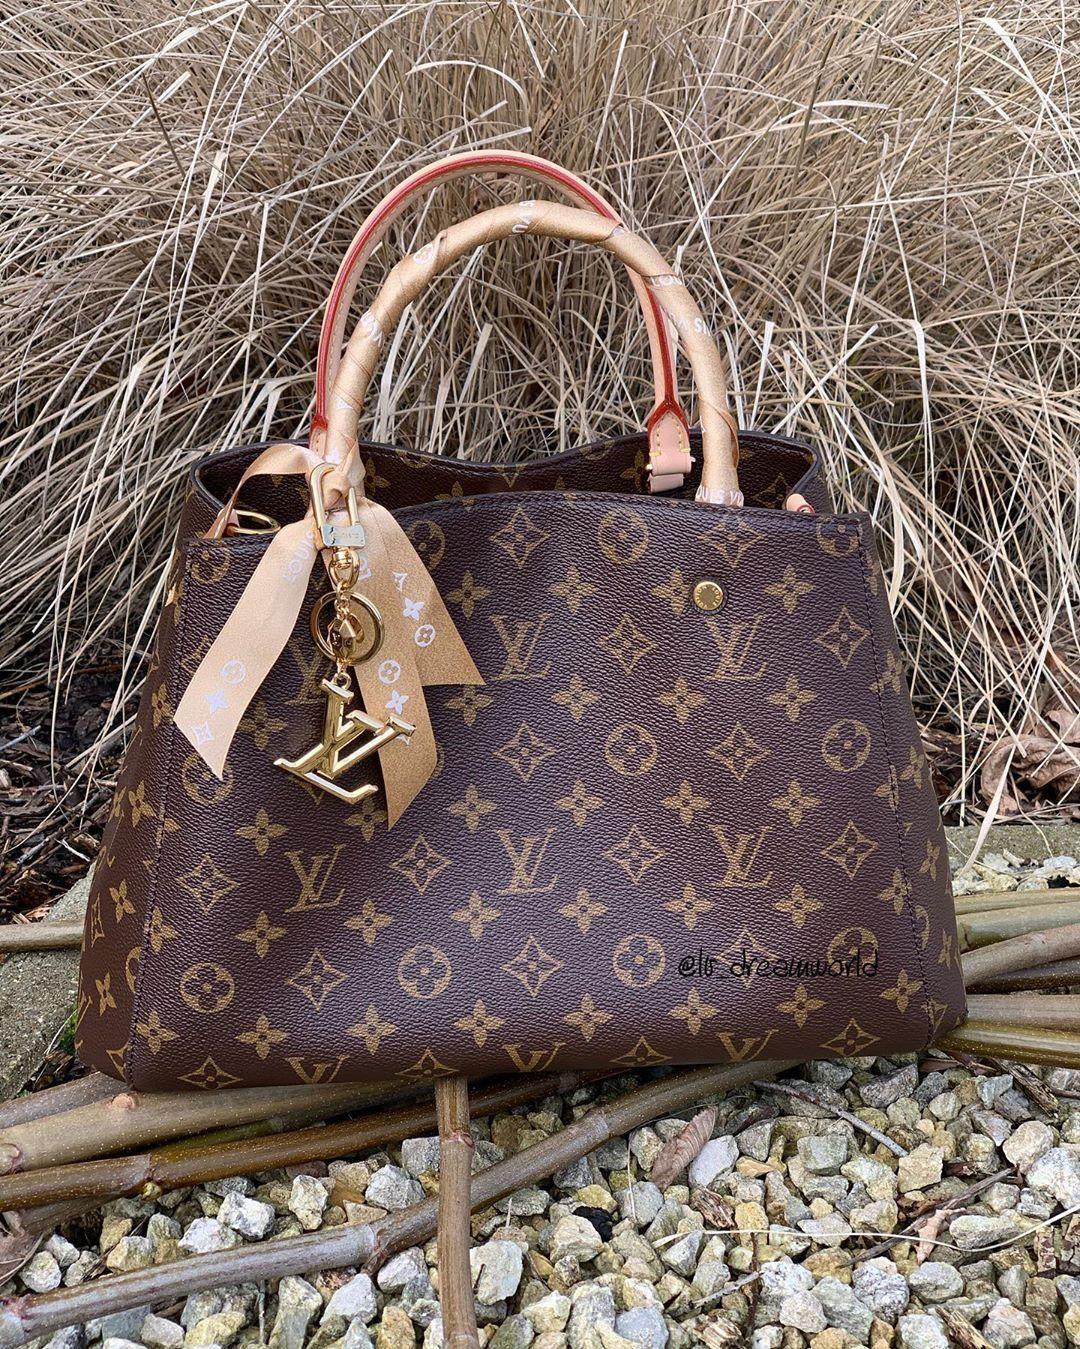 High Quality Replica handbags | best fake designer bags | Fake designer bags,  Bags designer, Bags